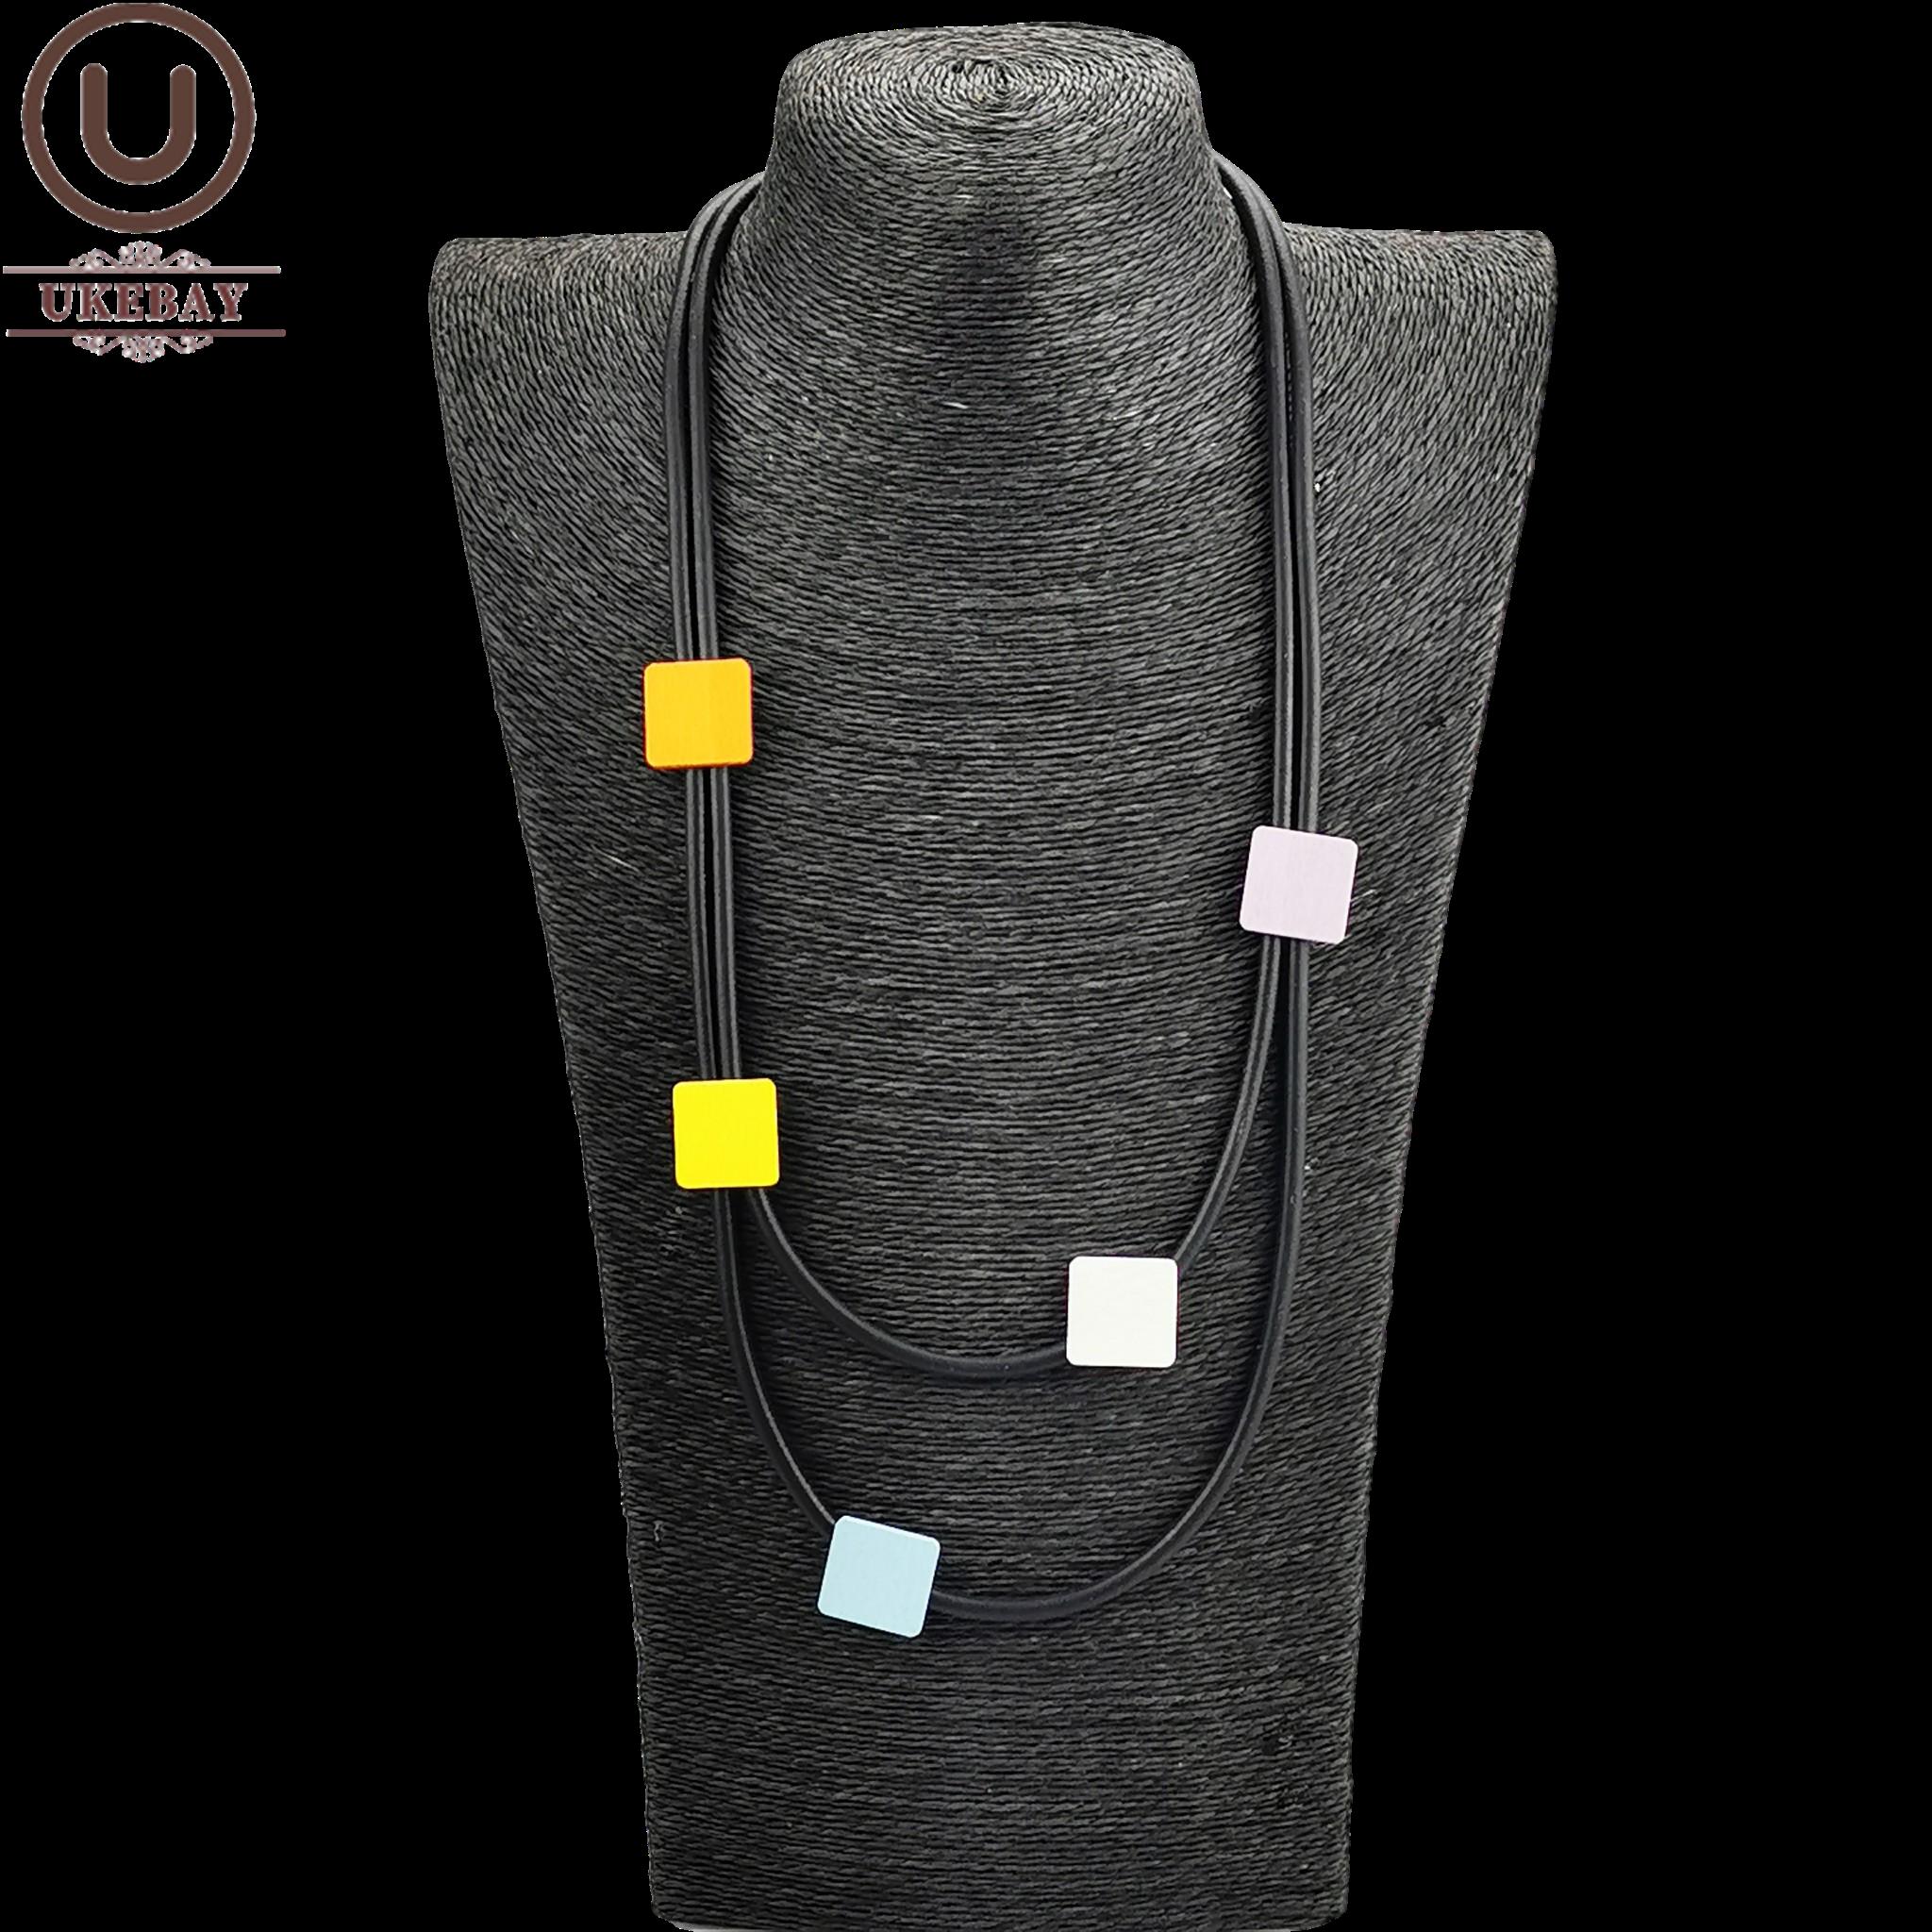 UKEBAY multicolore carré bois collier ras du cou femmes caoutchouc bijoux court chandail chaînes noir colliers vêtements accessoires cadeau